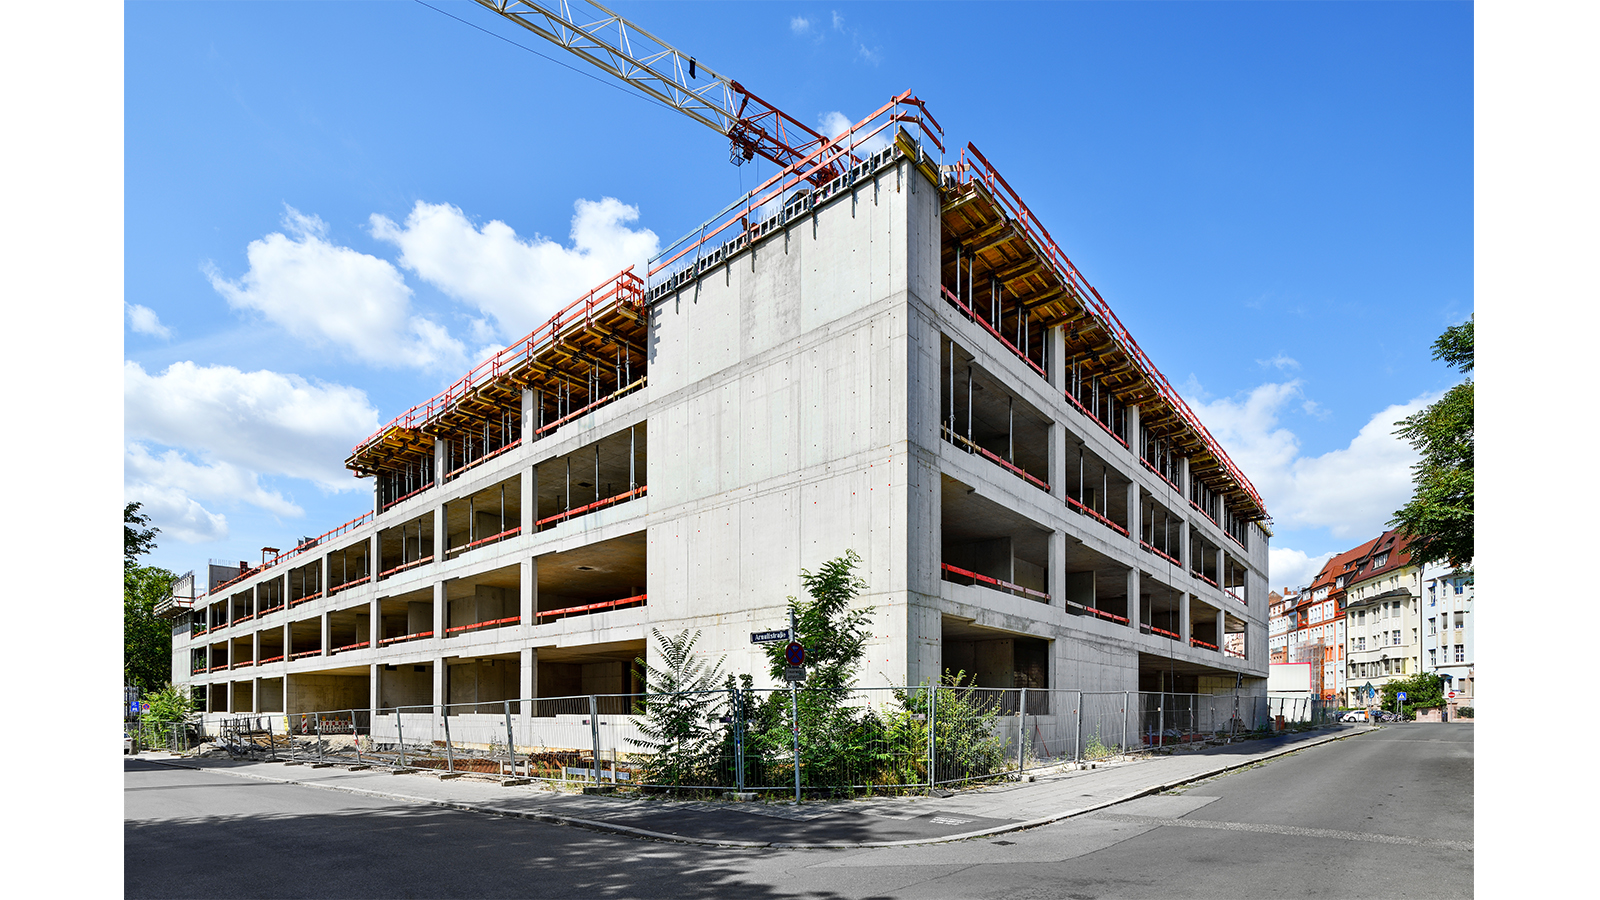 maria-ward-schulen-nuernberg-baustelle-rohbau-aussenansicht-fassade